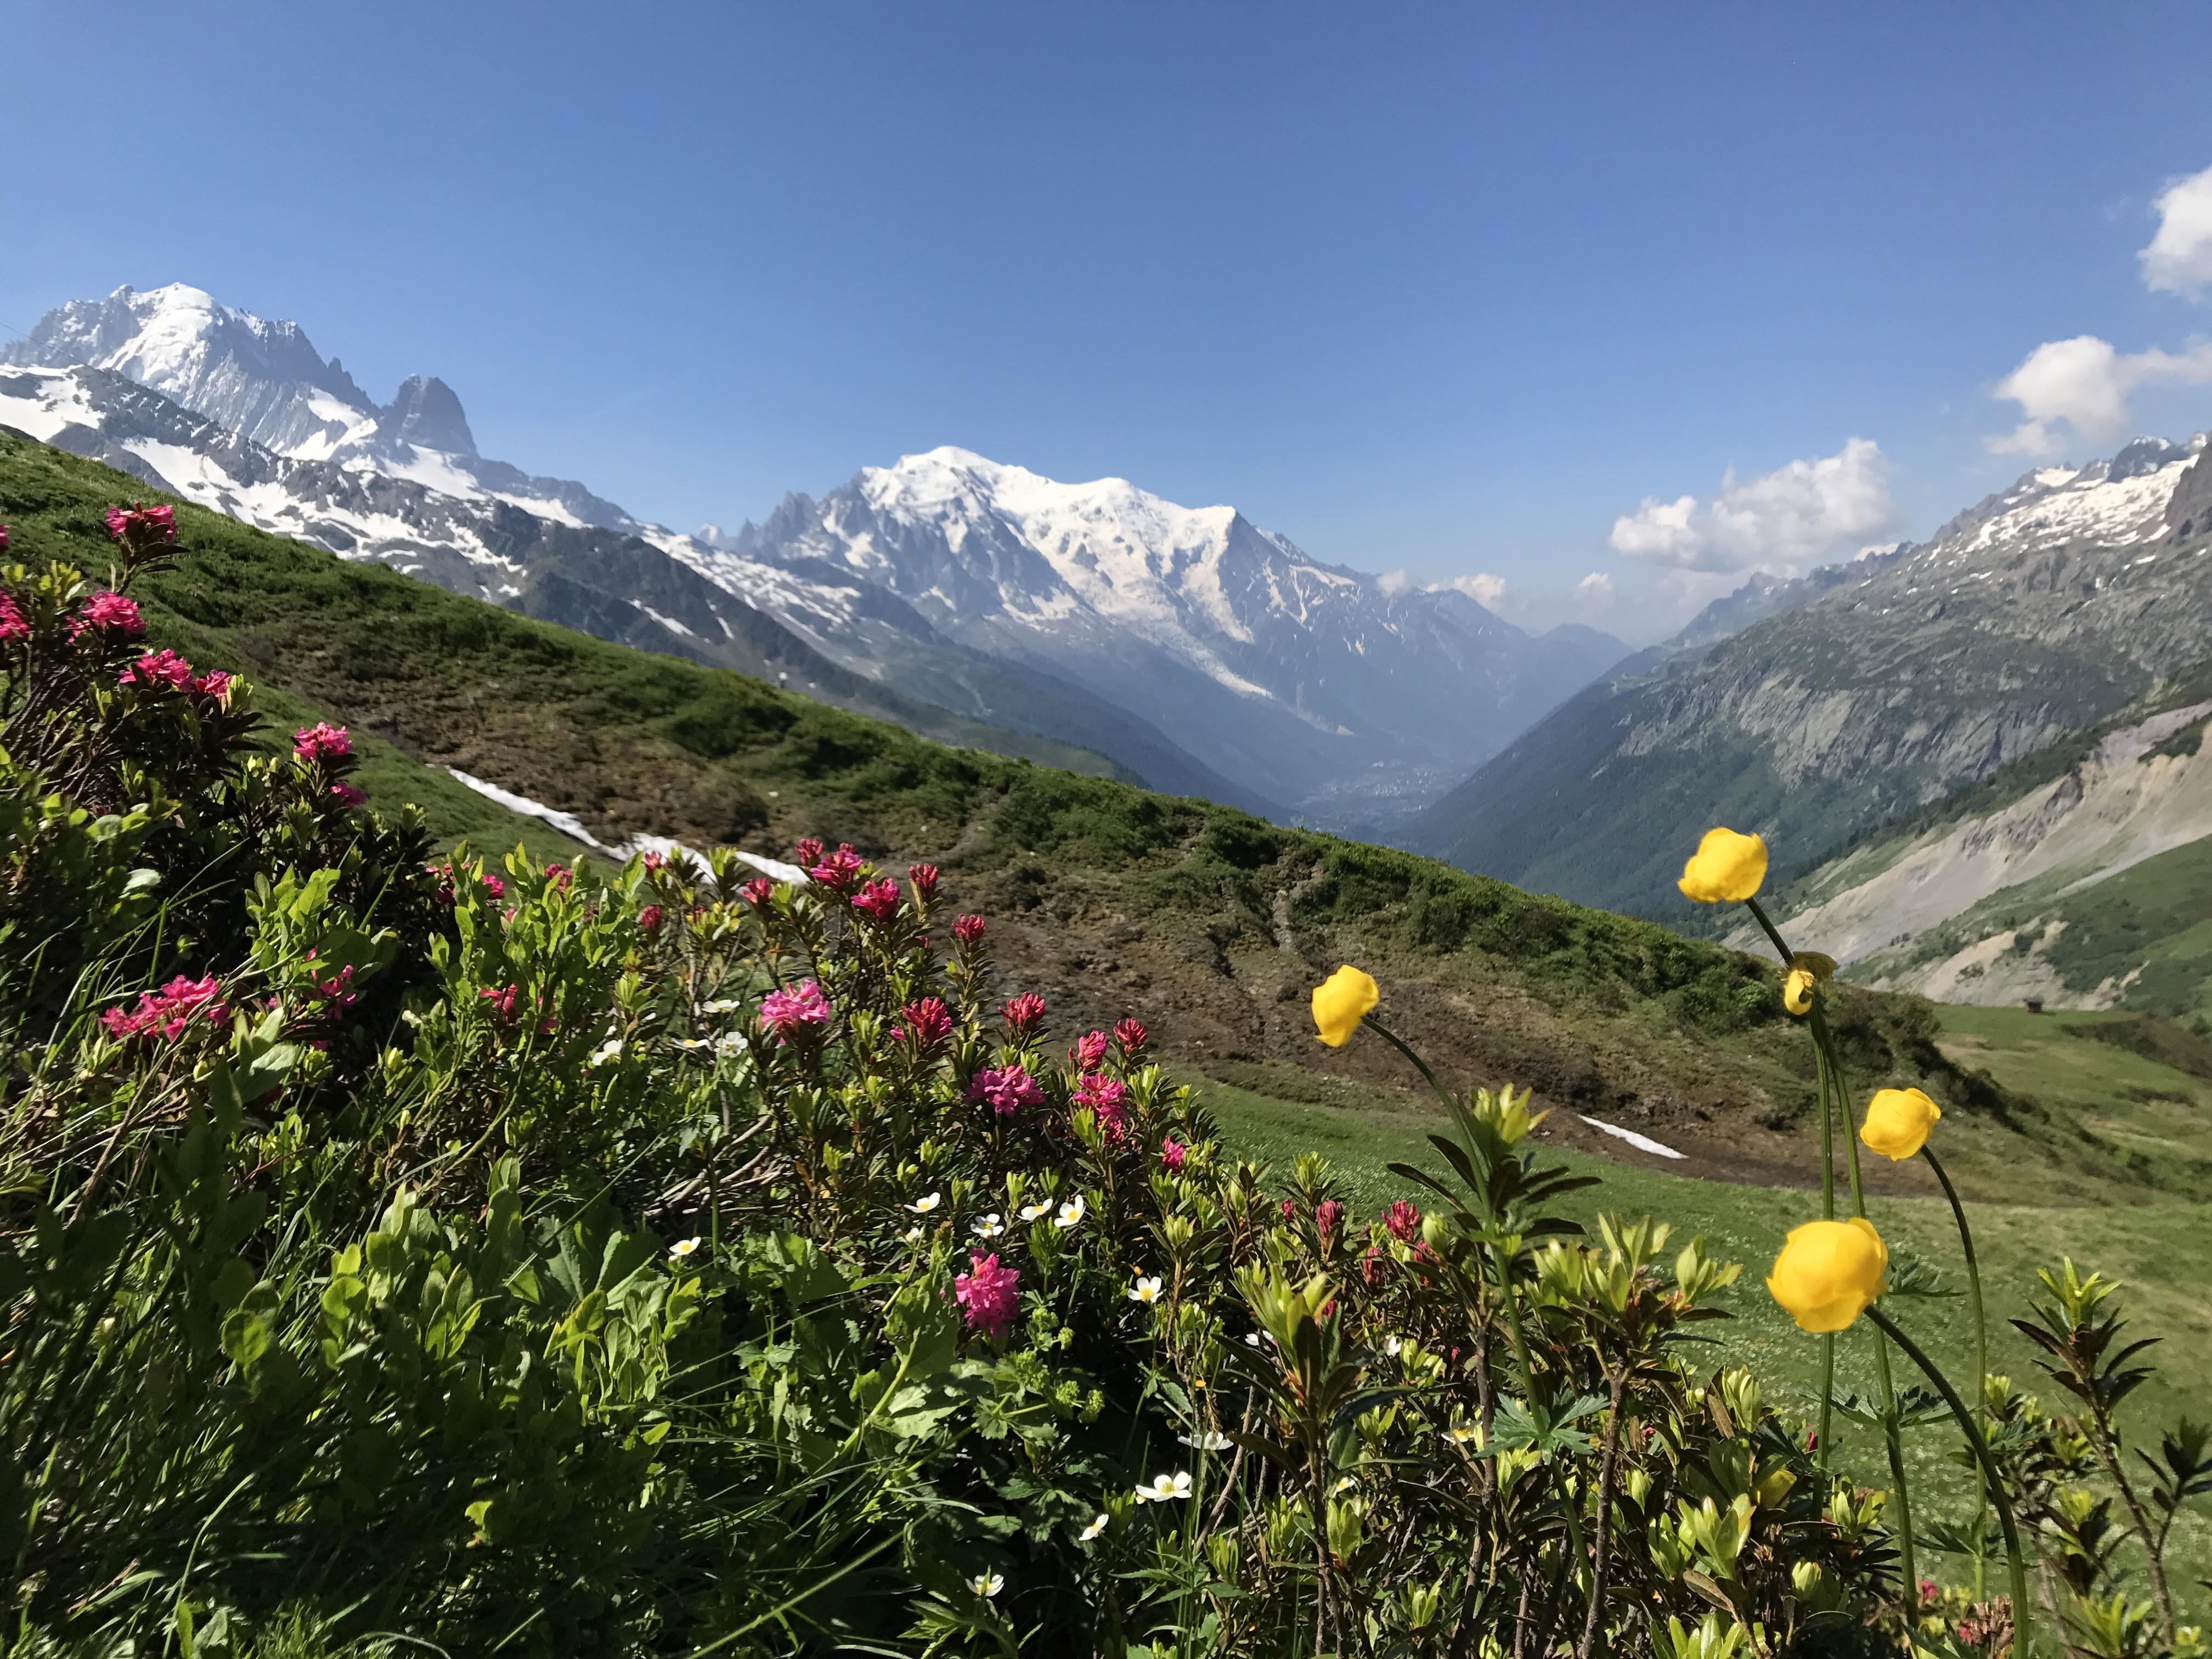 Nouvelles printanières de la Vallée de Chamonix _Office_de_Tourisme_Valle_de_Chamonix_-_2